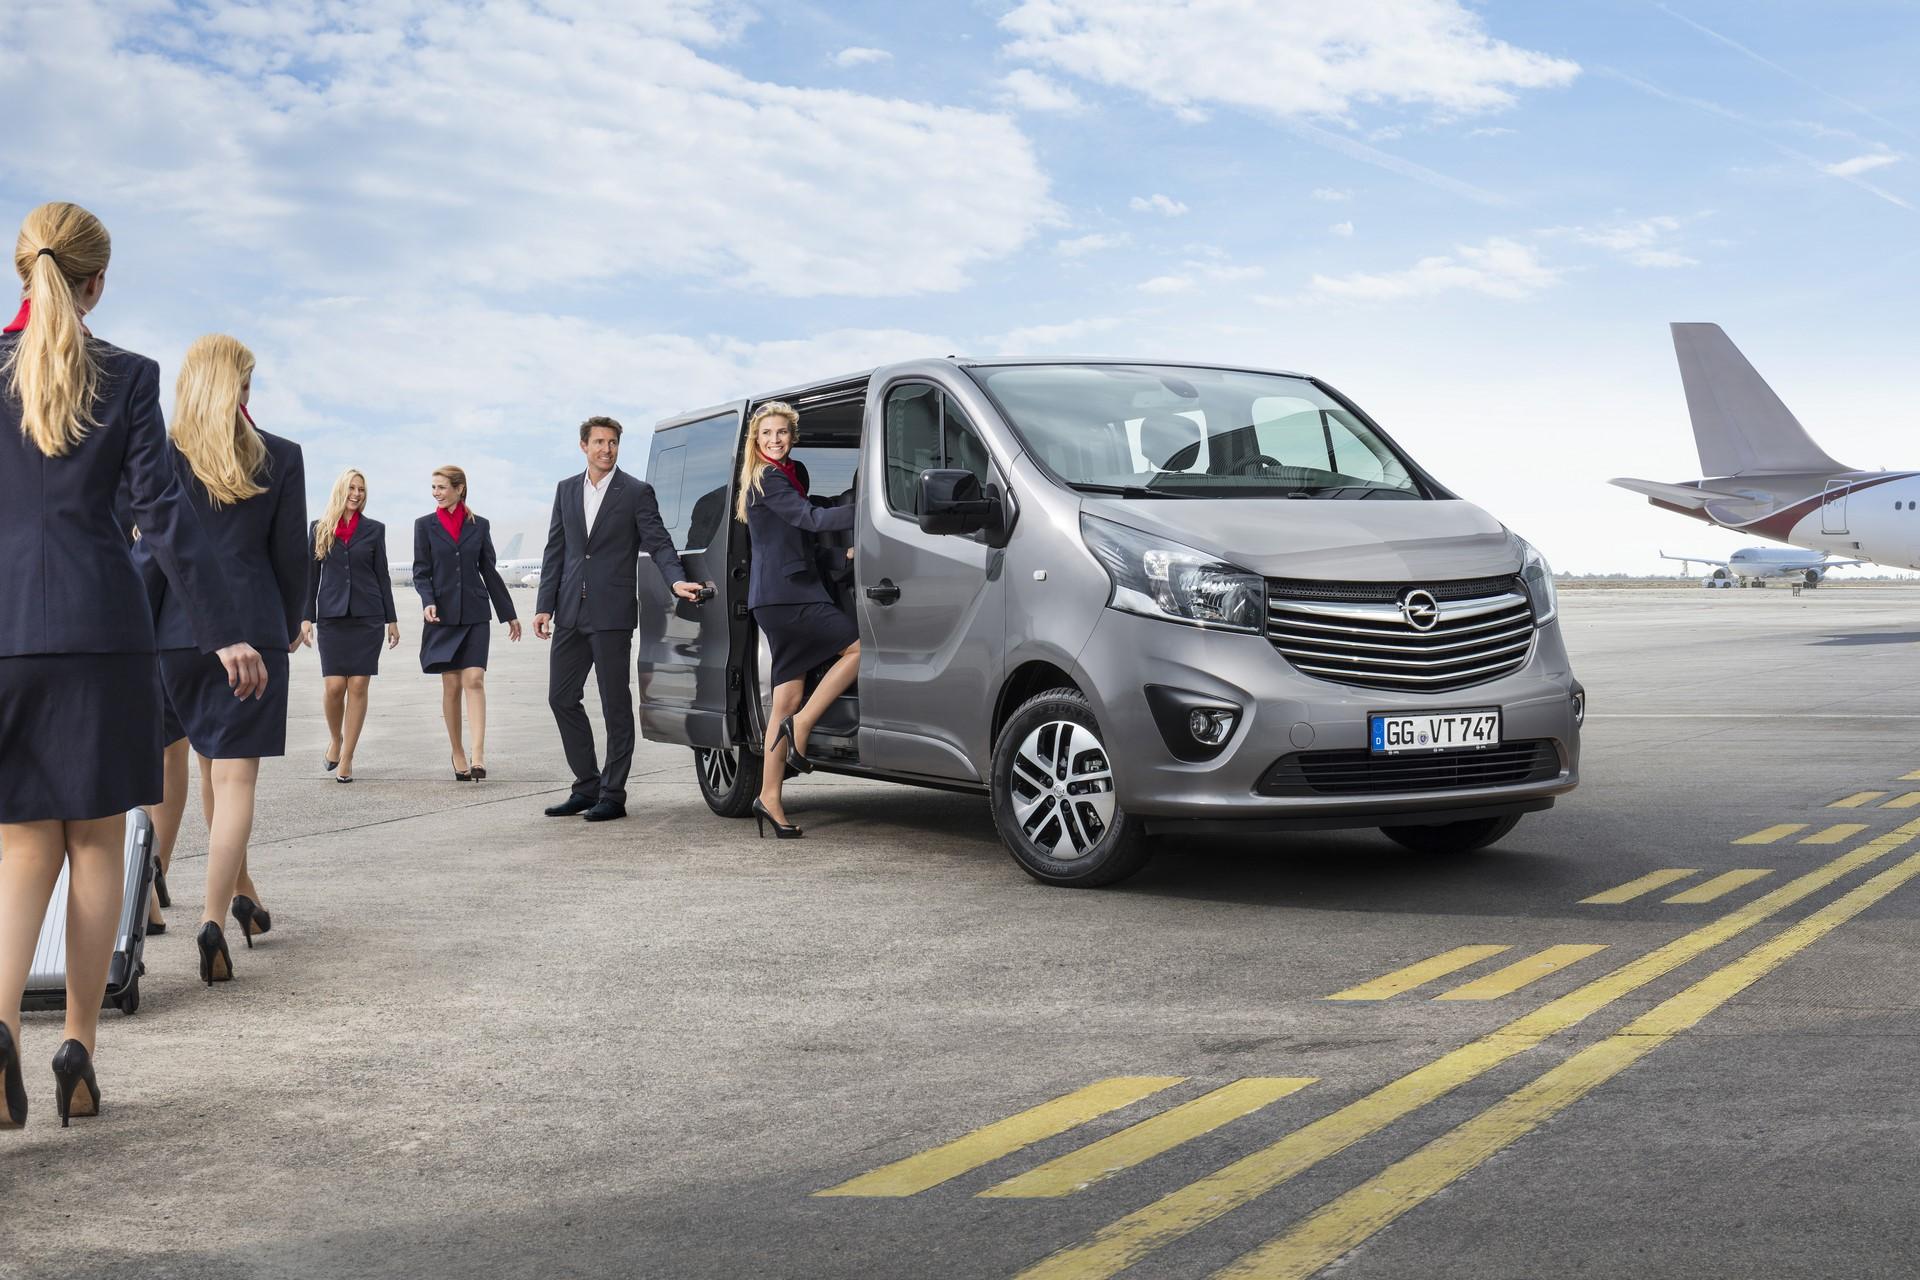 New Opel Vivaro Tourer